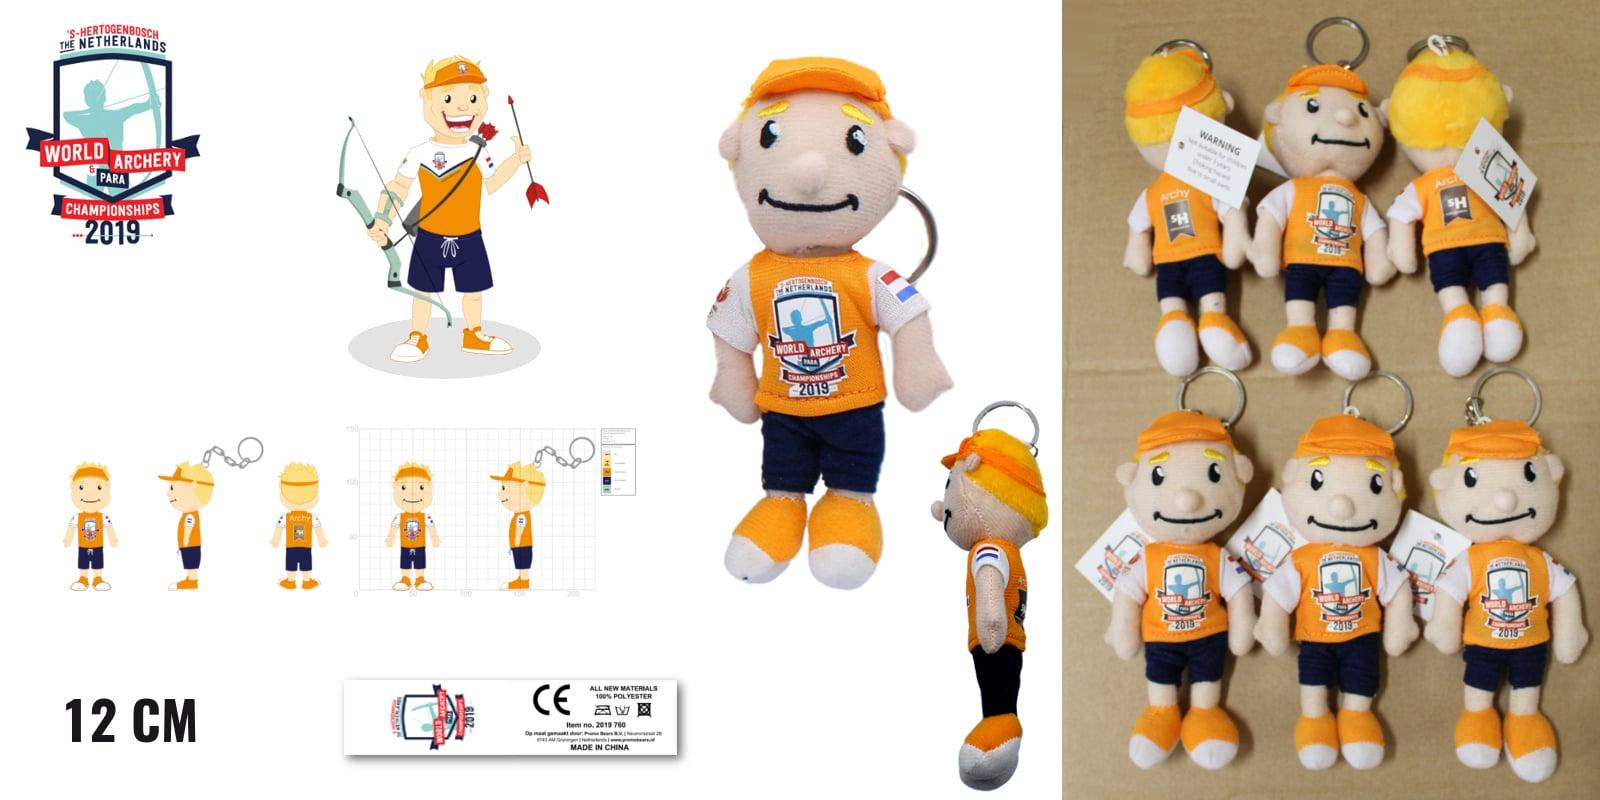 Knuffel sleutelhangers laten maken Archy voor WK handboogschieten 12 cm -Promo Bears-